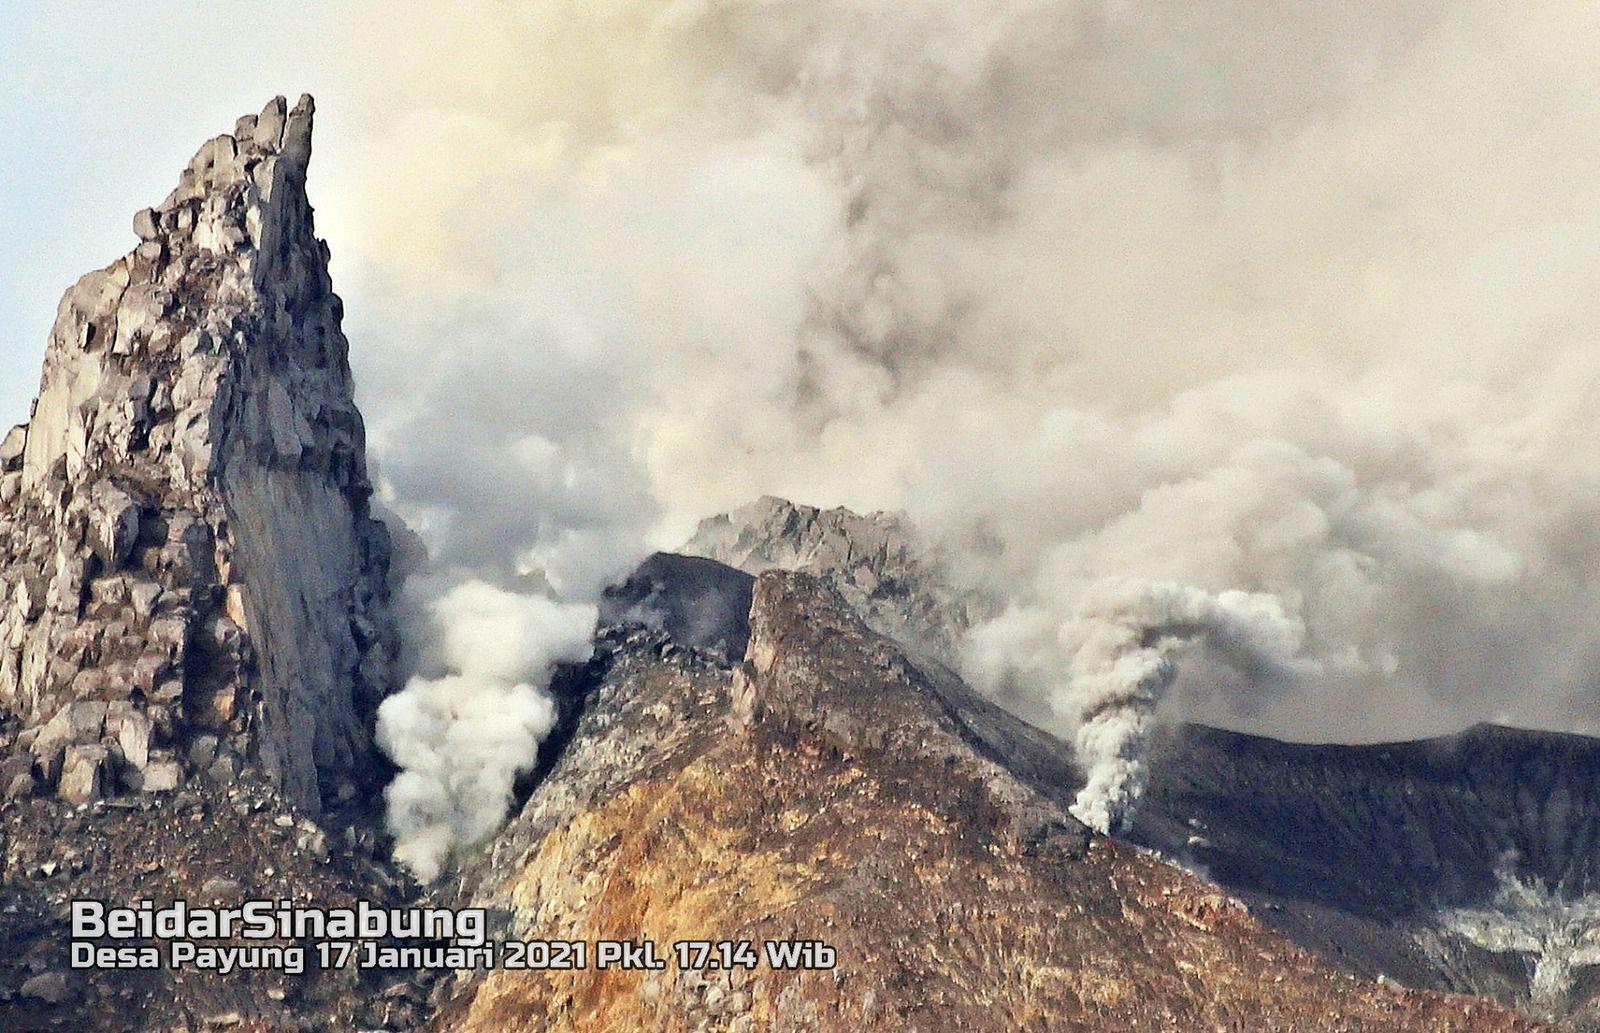 Le Sinabung depuis Payung et le dôme sommital - 17.01.2021 / 17h14 WIB - photos Firdaus Surbakti via Beidar Sinabung